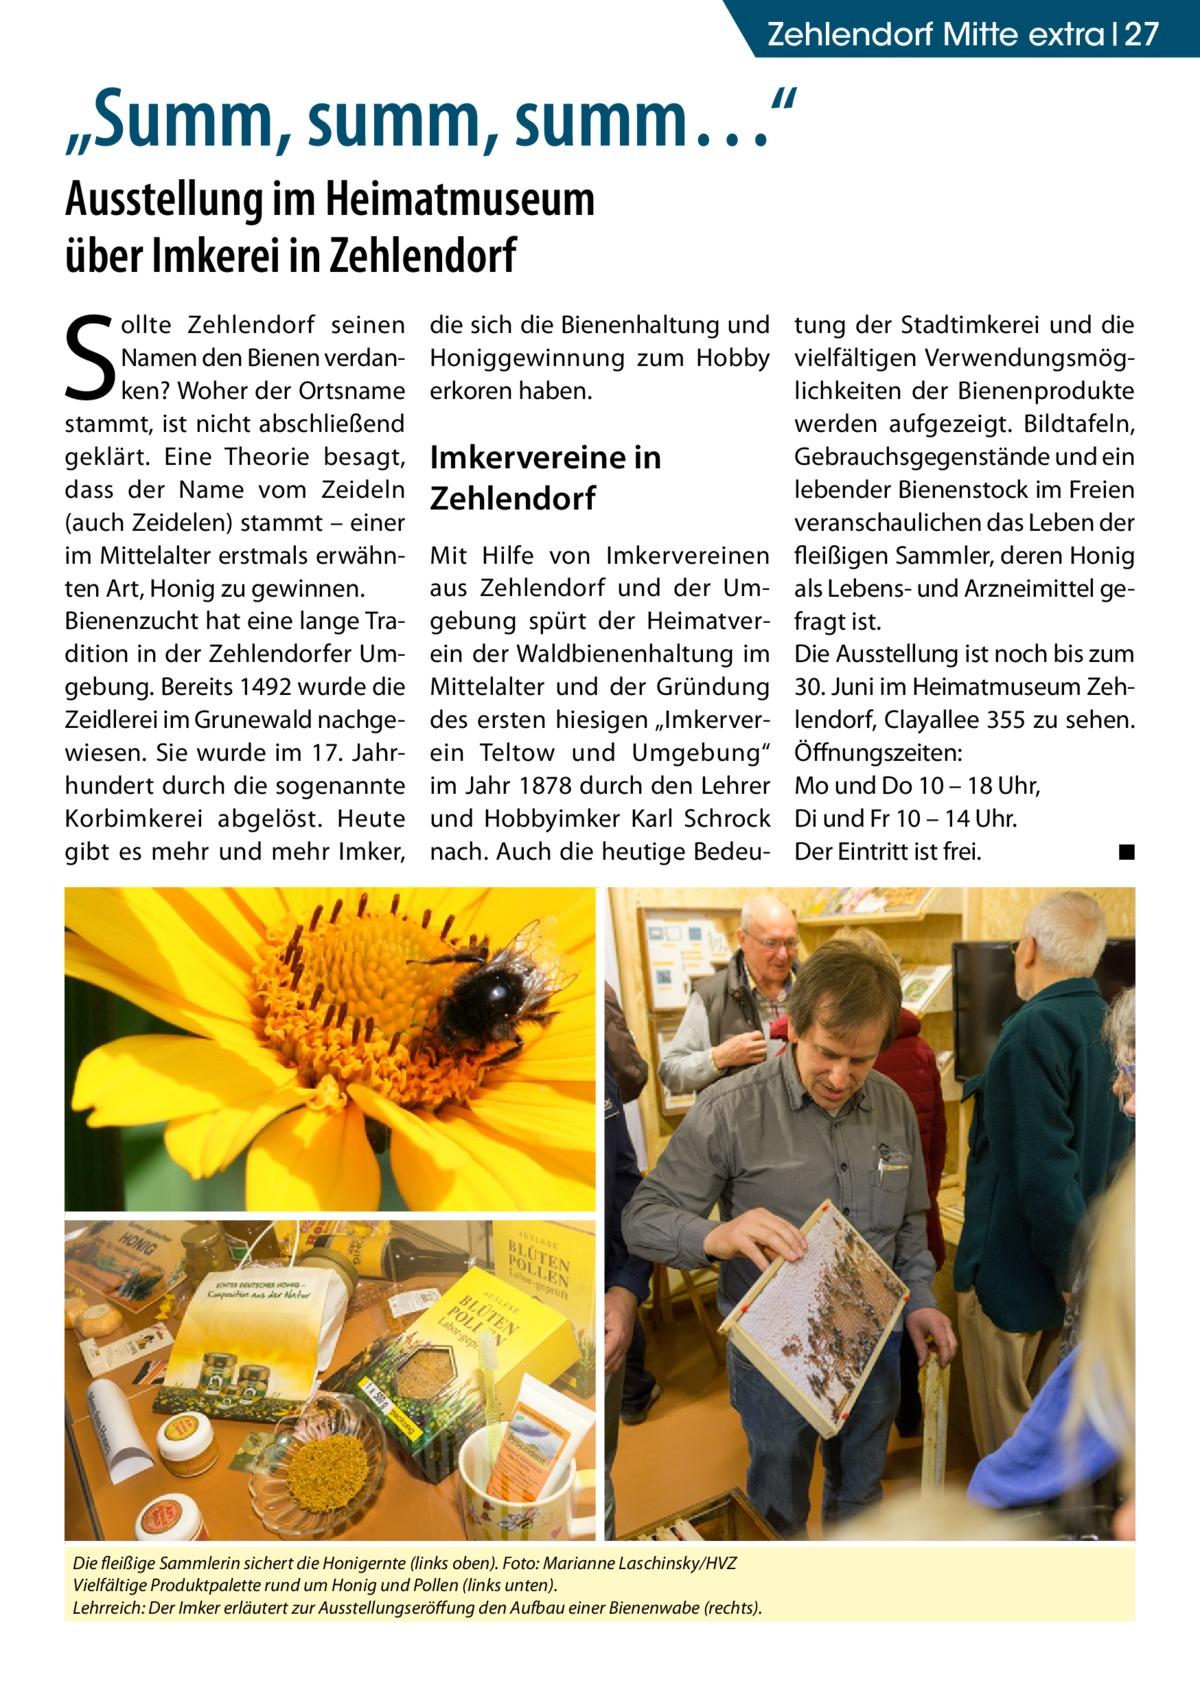 """Zehlendorf Mitte extra 27  """"Summ, summ, summ…"""" Ausstellung im Heimatmuseum über Imkerei in Zehlendorf  S  ollte Zehlendorf seinen Namen den Bienen verdanken? Woher der Ortsname stammt, ist nicht abschließend geklärt. Eine Theorie besagt, dass der Name vom Zeideln (auch Zeidelen) stammt – einer im Mittelalter erstmals erwähnten Art, Honig zu gewinnen. Bienenzucht hat eine lange Tradition in der Zehlendorfer Umgebung. Bereits 1492 wurde die Zeidlerei im Grunewald nachgewiesen. Sie wurde im 17. Jahrhundert durch die sogenannte Korbimkerei abgelöst. Heute gibt es mehr und mehr Imker,  die sich die Bienenhaltung und tung der Stadtimkerei und die Honiggewinnung zum Hobby vielfältigen Verwendungsmöglichkeiten der Bienenprodukte erkoren haben. werden aufgezeigt. Bildtafeln, Gebrauchsgegenstände und ein Imkervereine in lebender Bienenstock im Freien Zehlendorf veranschaulichen das Leben der Mit Hilfe von Imkervereinen fleißigen Sammler, deren Honig aus Zehlendorf und der Um- als Lebens- und Arzneimittel gegebung spürt der Heimatver- fragt ist. ein der Waldbienenhaltung im Die Ausstellung ist noch bis zum Mittelalter und der Gründung 30. Juni im Heimatmuseum Zehdes ersten hiesigen """"Imkerver- lendorf, Clayallee 355 zu sehen. ein Teltow und Umgebung"""" Öffnungszeiten: im Jahr 1878 durch den Lehrer Mo und Do 10 – 18 Uhr, und Hobbyimker Karl Schrock Di und Fr 10 – 14 Uhr. nach. Auch die heutige Bedeu- Der Eintritt ist frei. � ◾  Die fleißige Sammlerin sichert die Honigernte (links oben). Foto: Marianne Laschinsky/HVZ Vielfältige Produktpalette rund um Honig und Pollen (links unten). Lehrreich: Der Imker erläutert zur Ausstellungseröffung den Aufbau einer Bienenwabe (rechts)."""